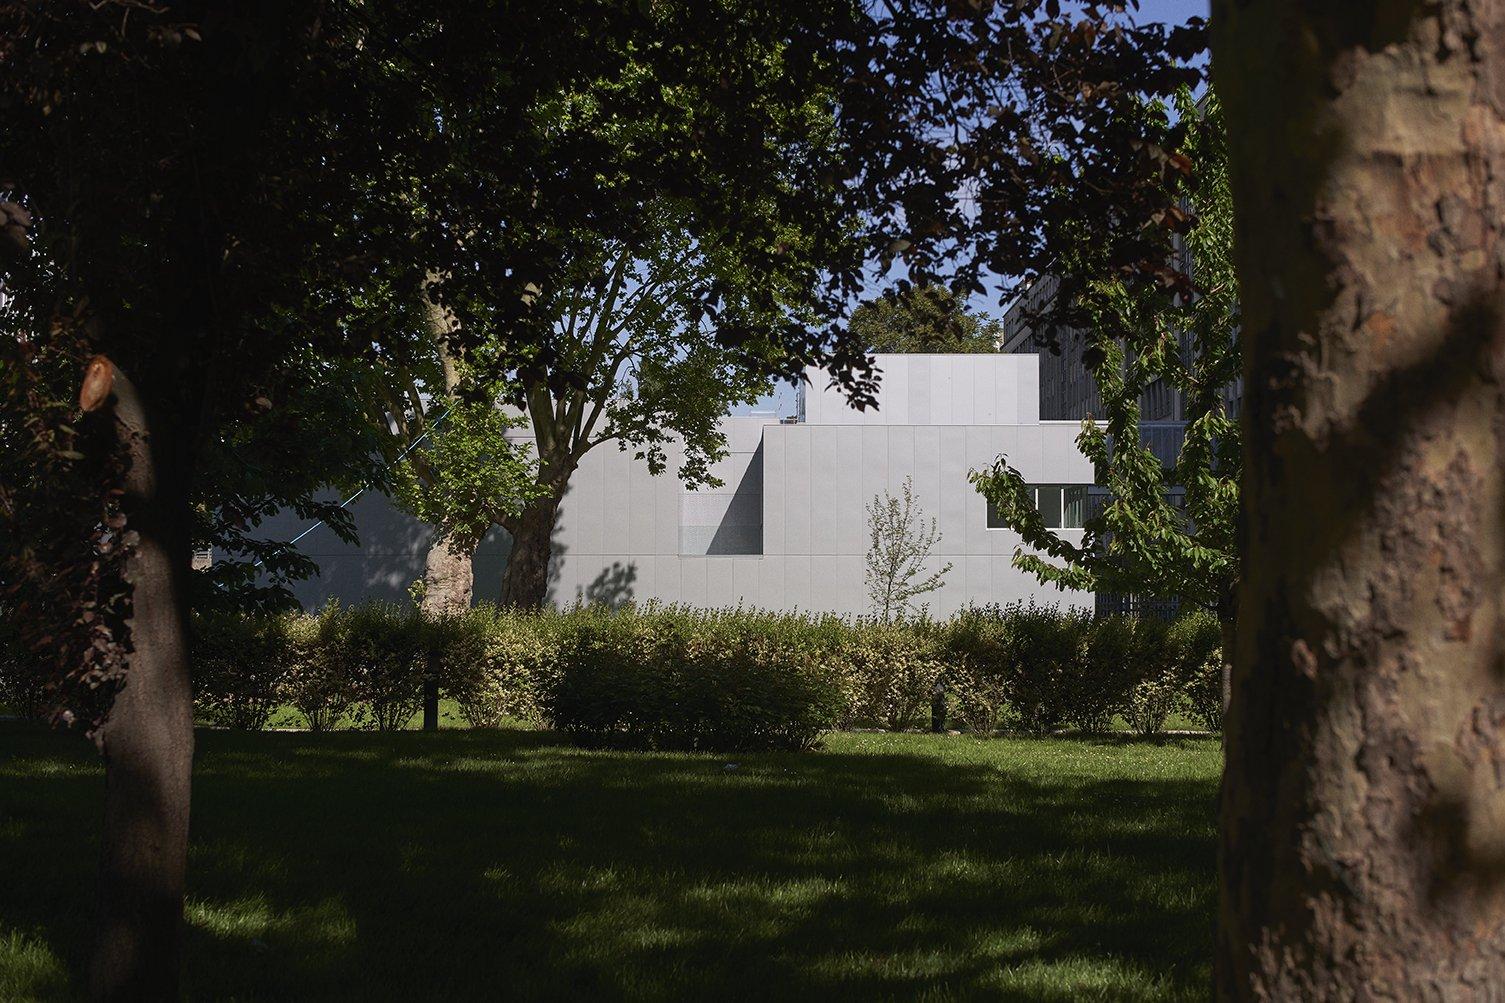 https://www.transform-architecture.com/wp-content/uploads/2020/12/TRANSFORM-Centre-exploration-fonctionnelle-Jussieu-09.jpg